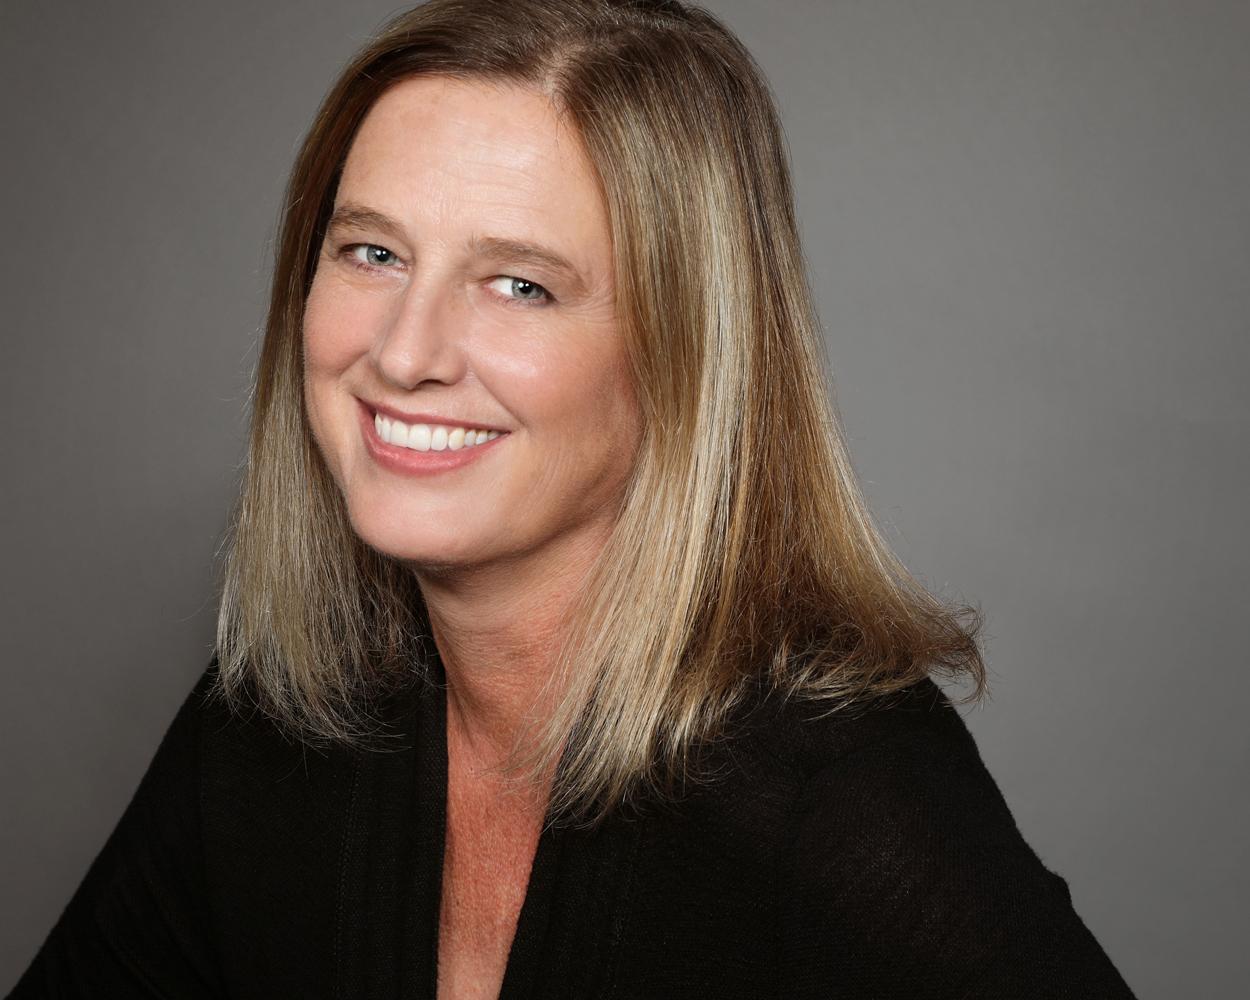 Kristi Cavanaugh